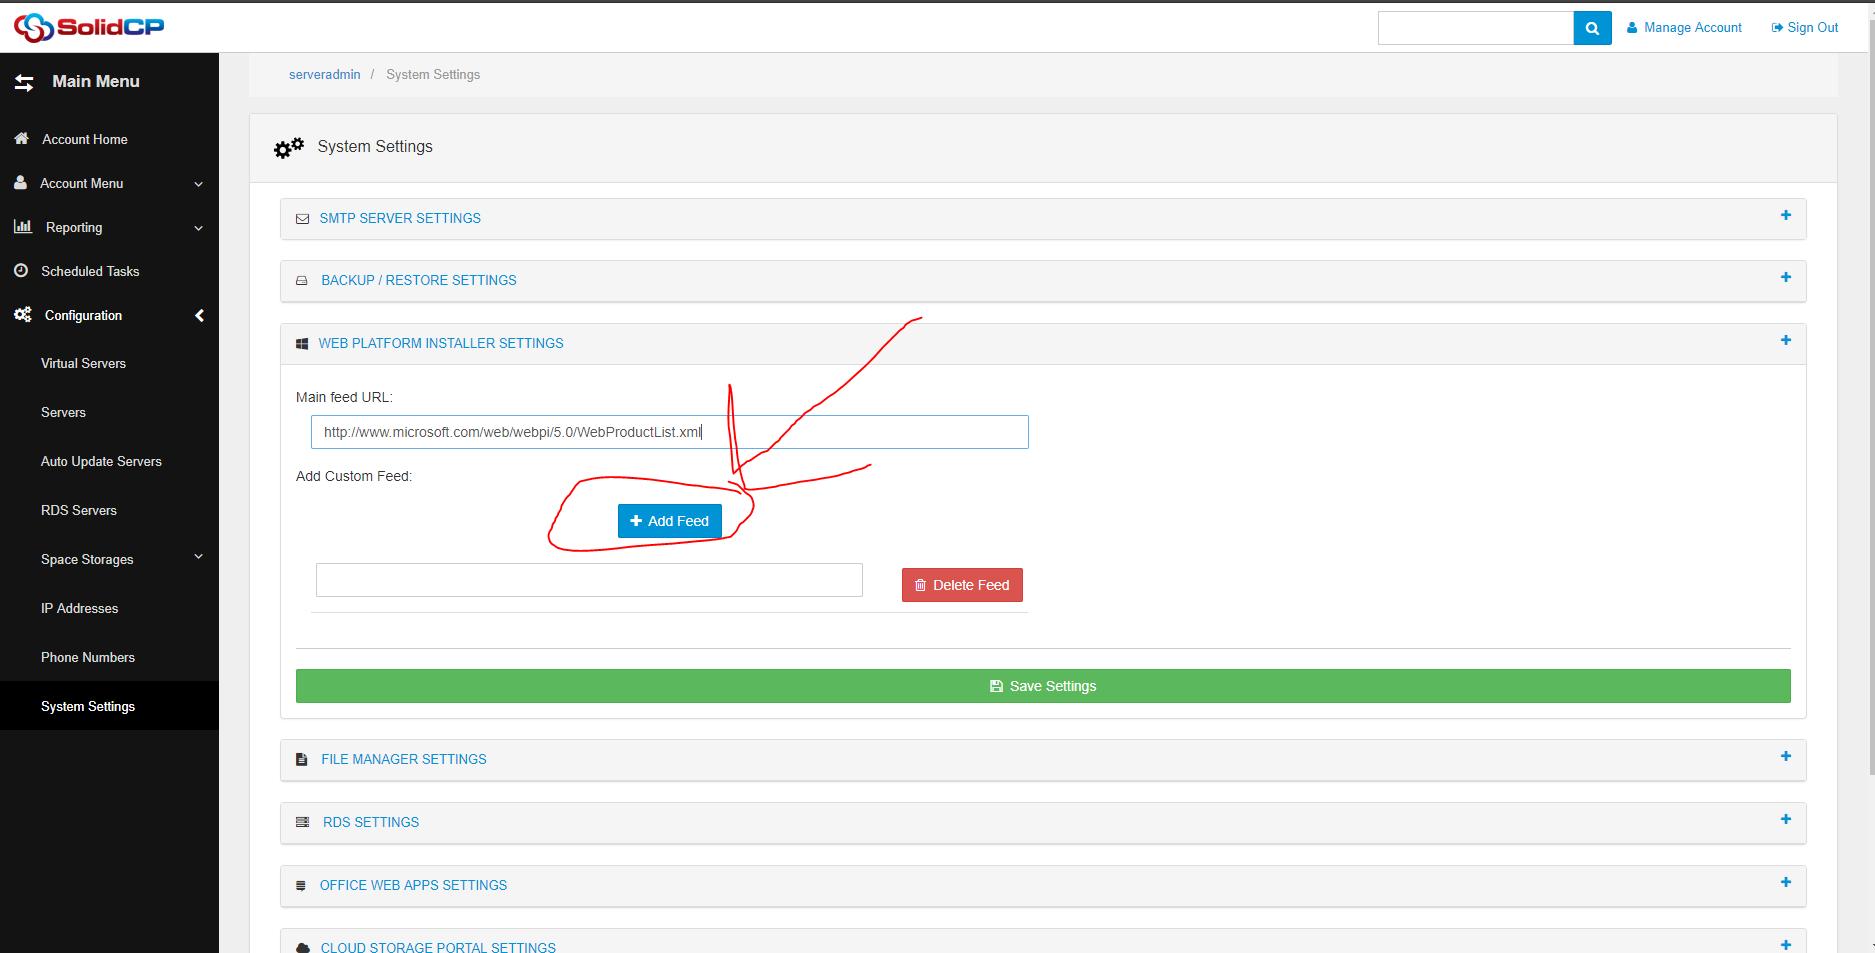 Web App Gallery Setup - SolidCP